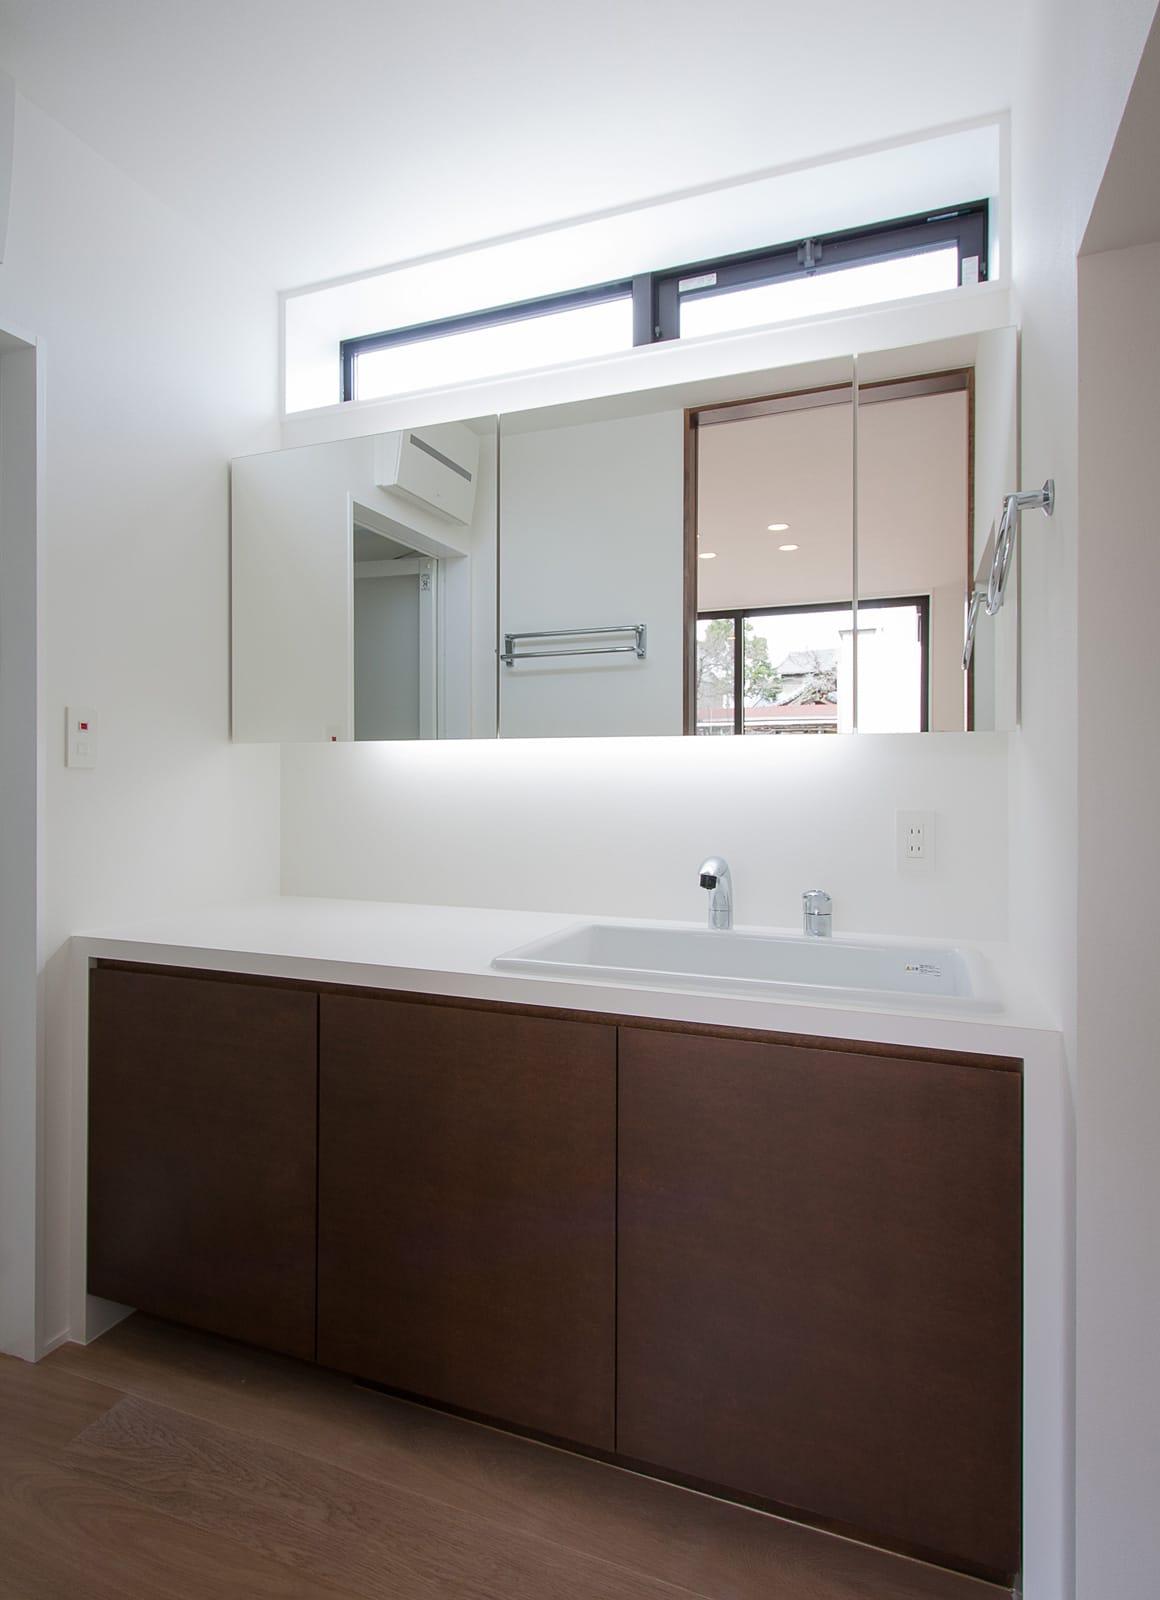 吹抜のある大空間リビングの家の浴室・洗面室1